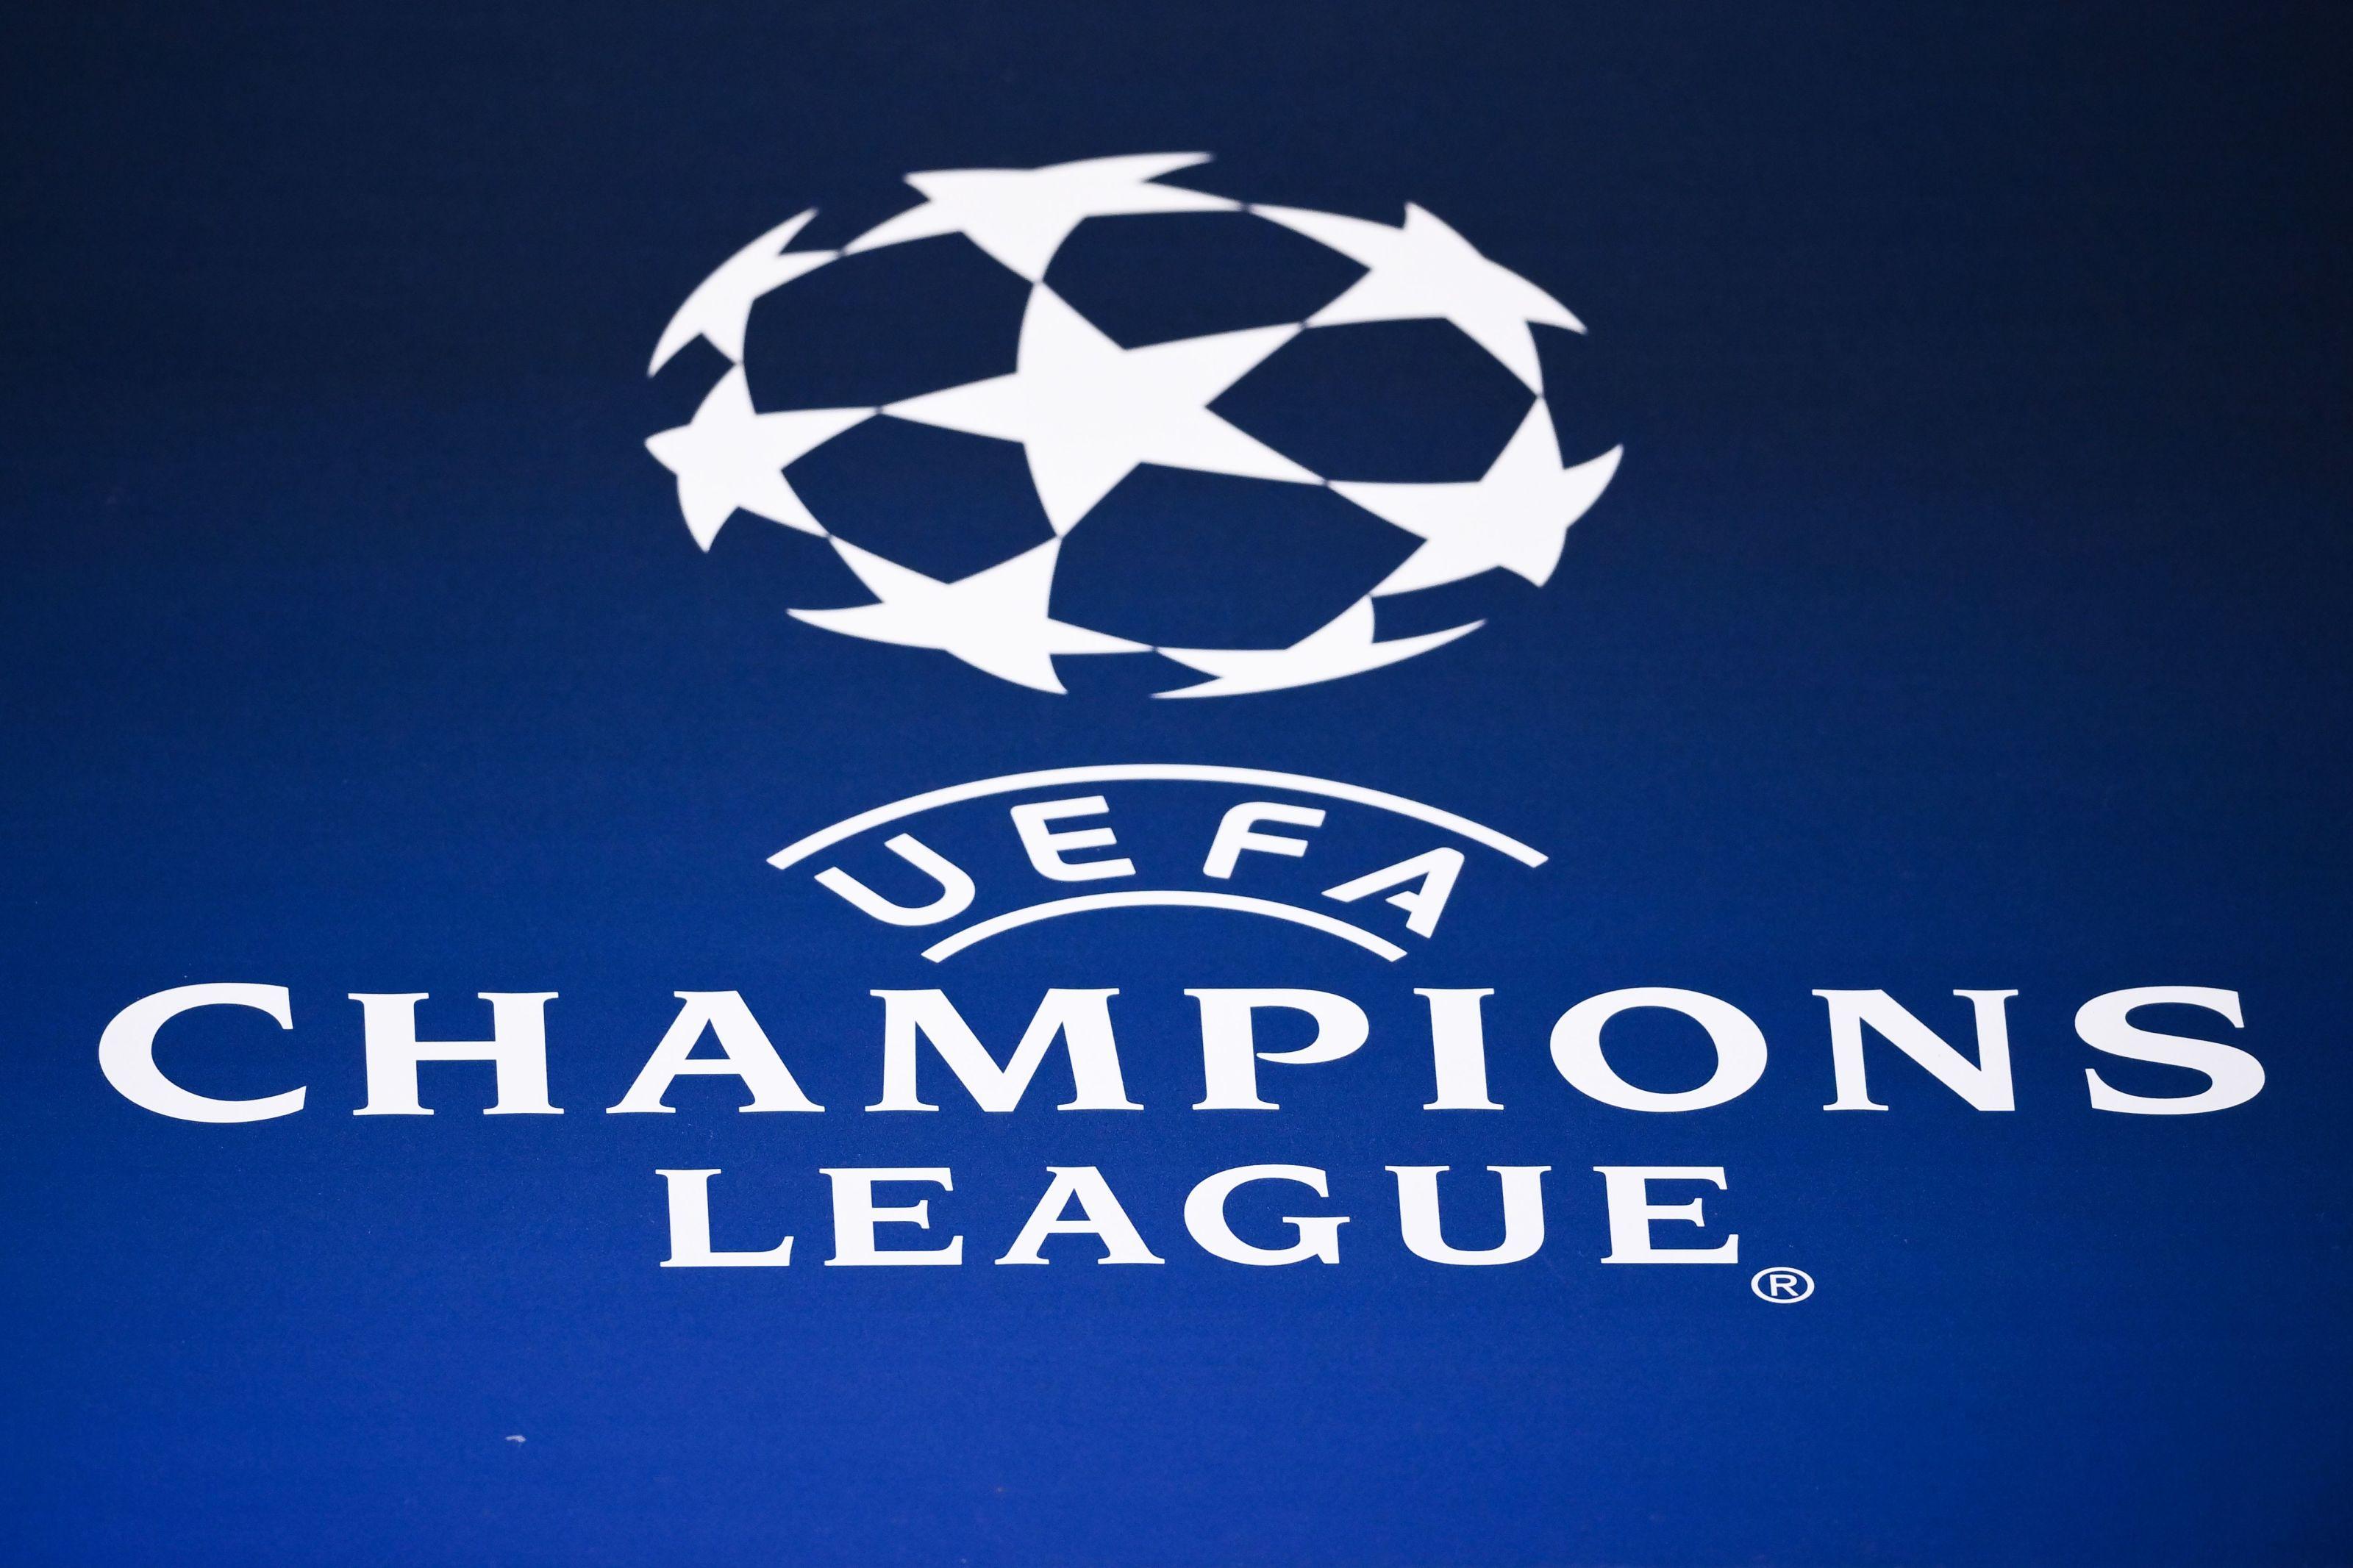 Champions League venue changes for Premier League clubs